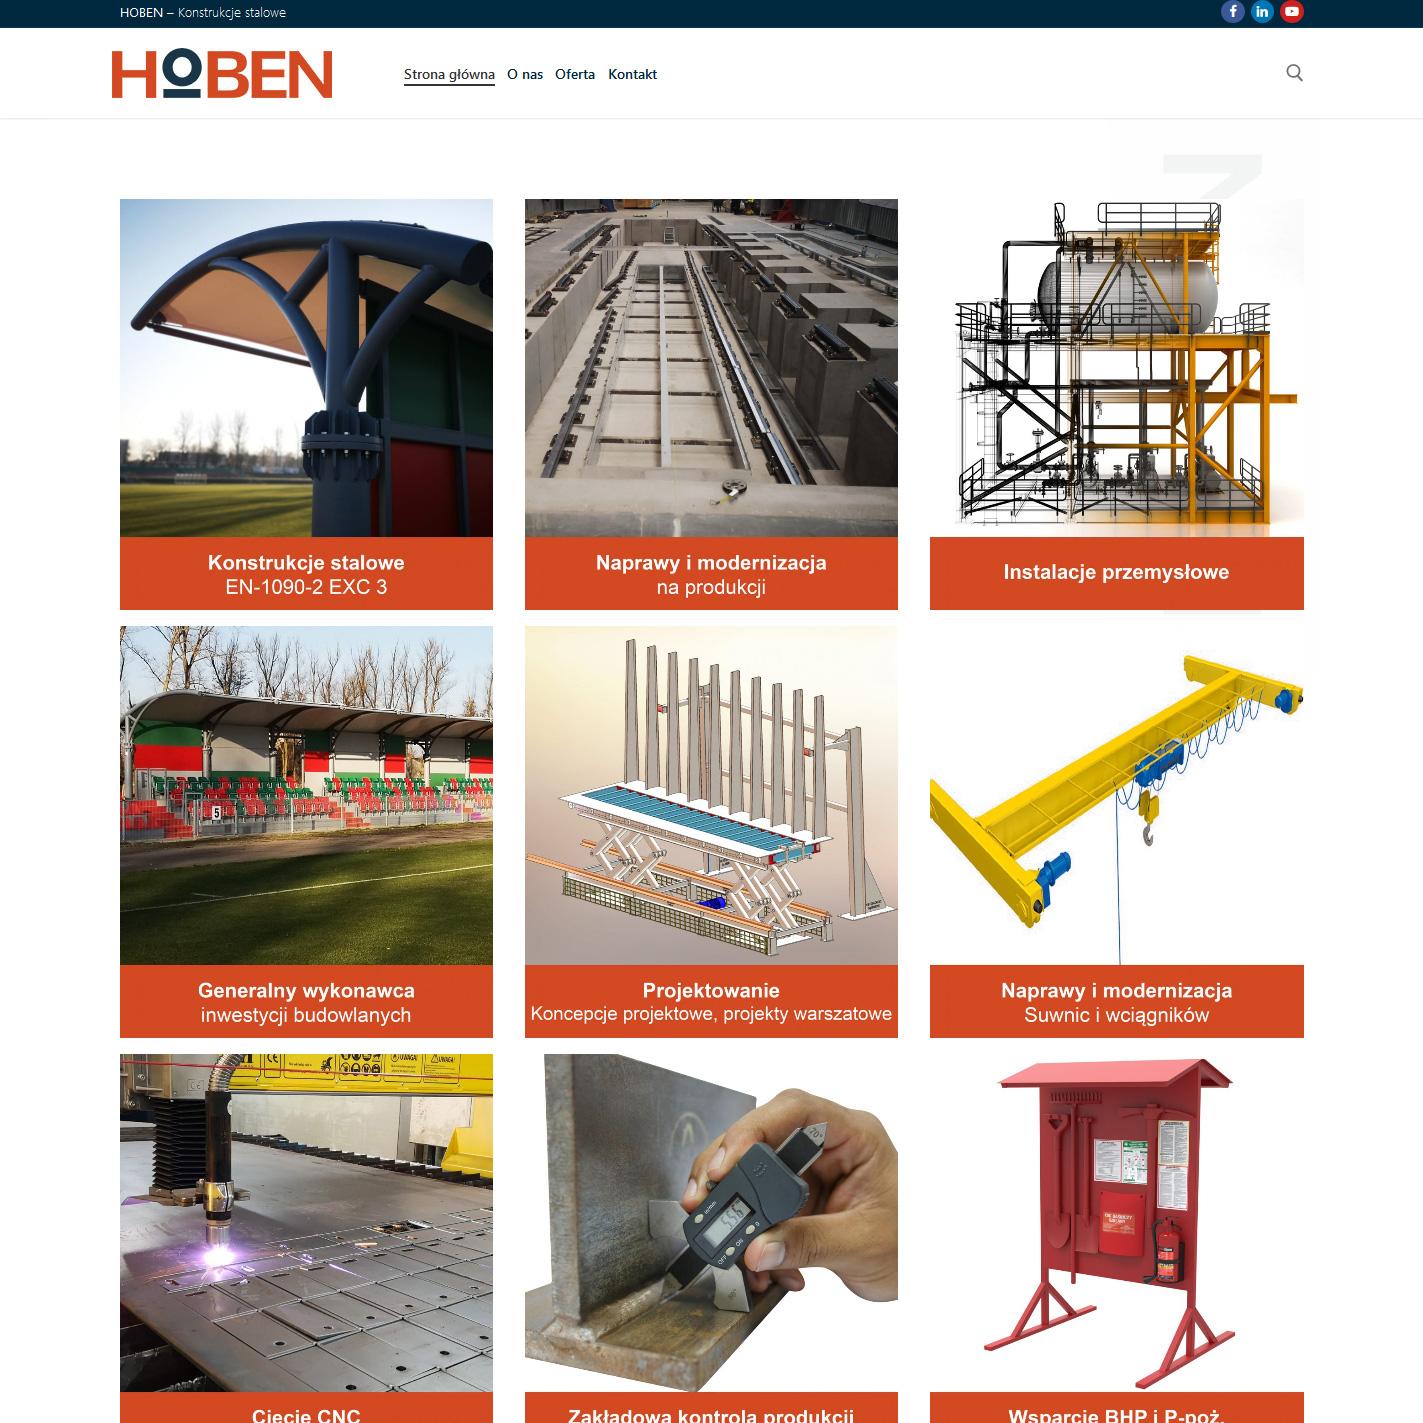 Hoben - konsrukcje stalowe